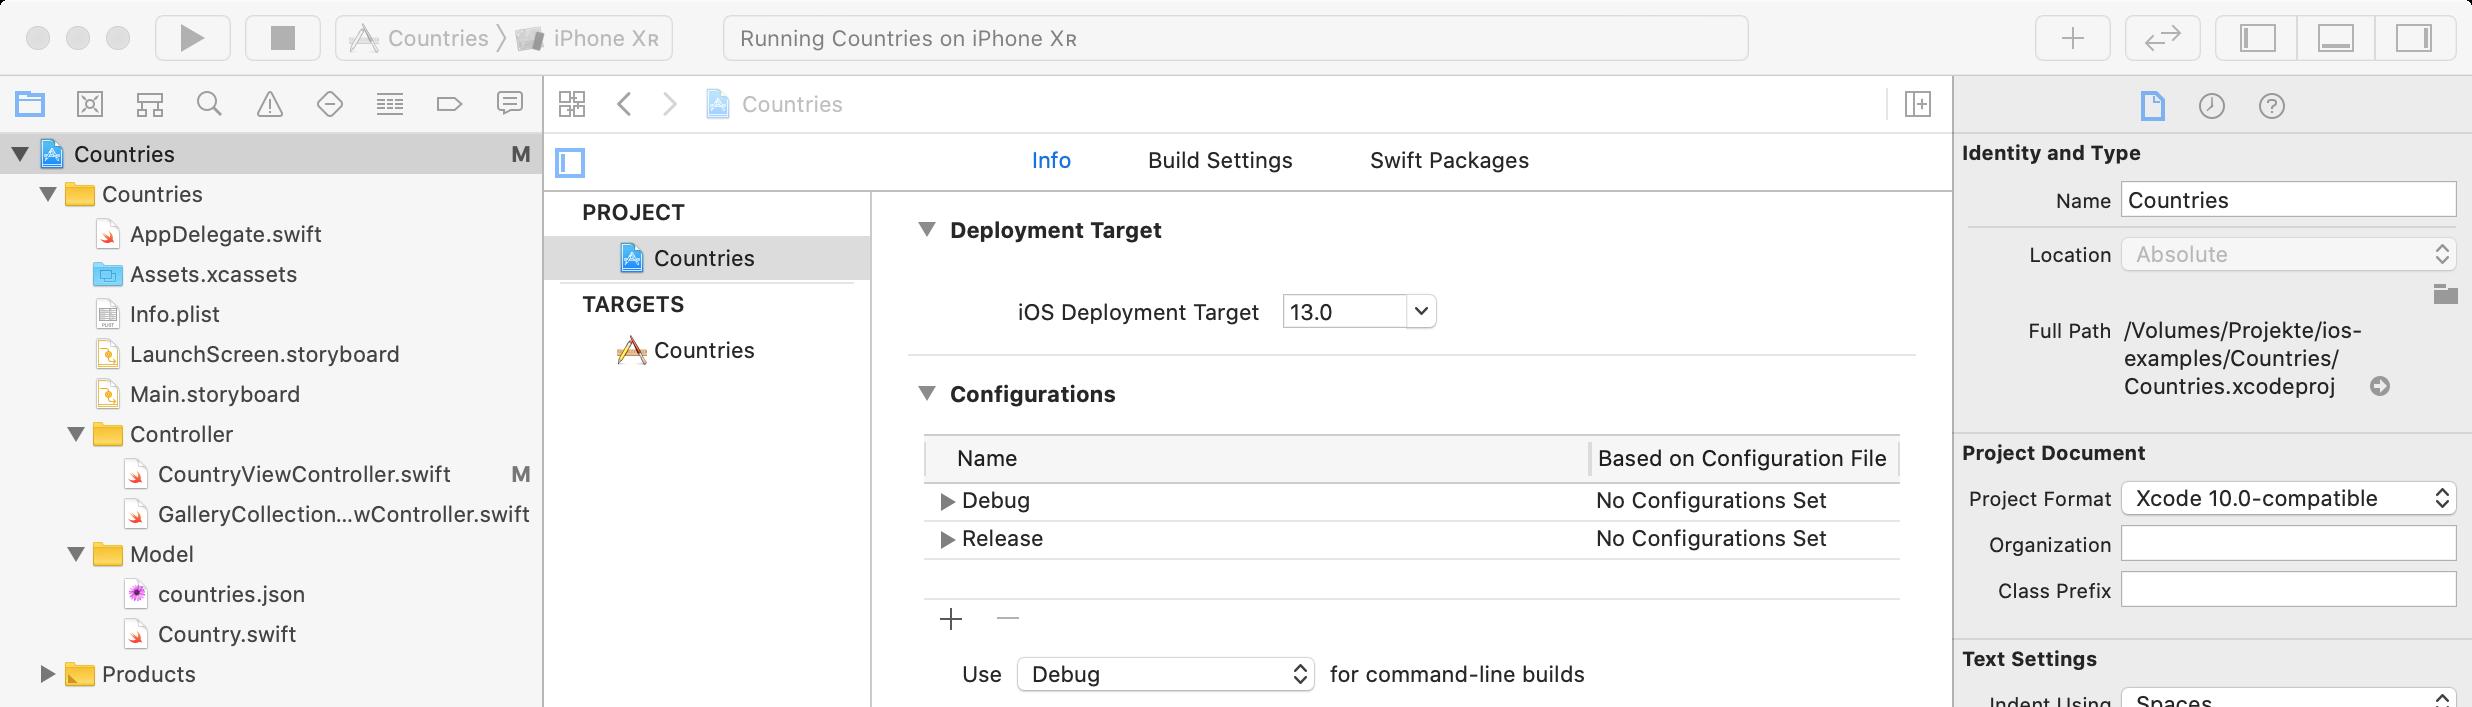 Deployment Target auf iOS 13 konfigurieren